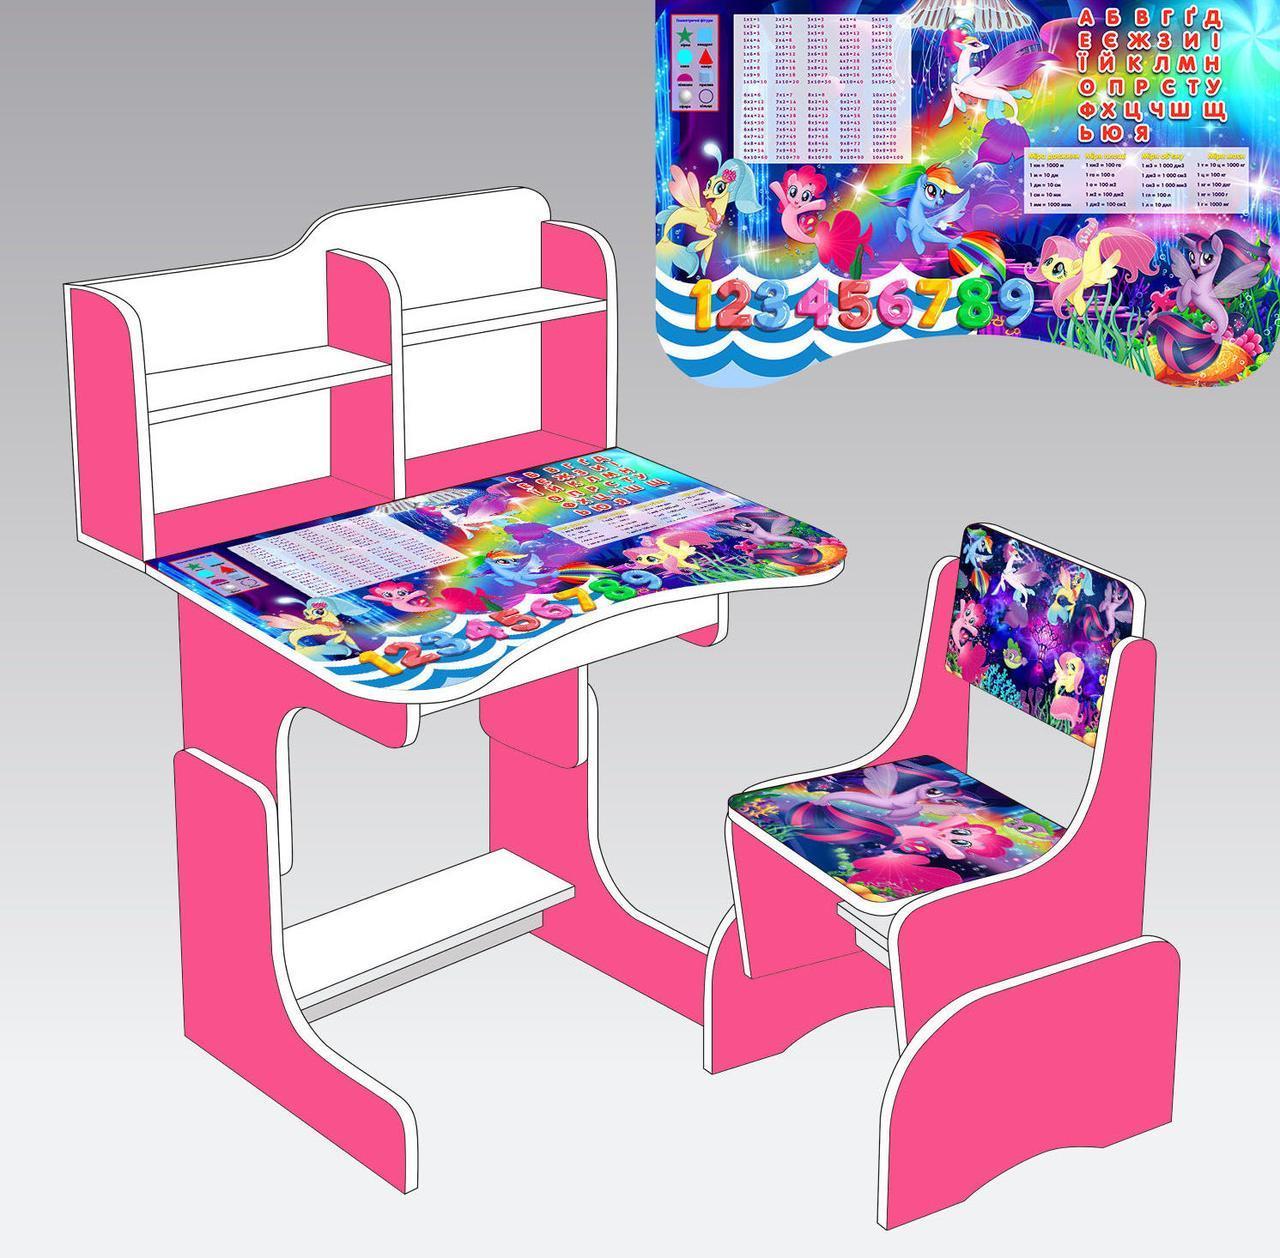 """Парта шкільна """"Принцеса Софія"""" ЛДСП ПШ 011 (1) 69*45 див., колір фіолетовий, + 1 стілець"""